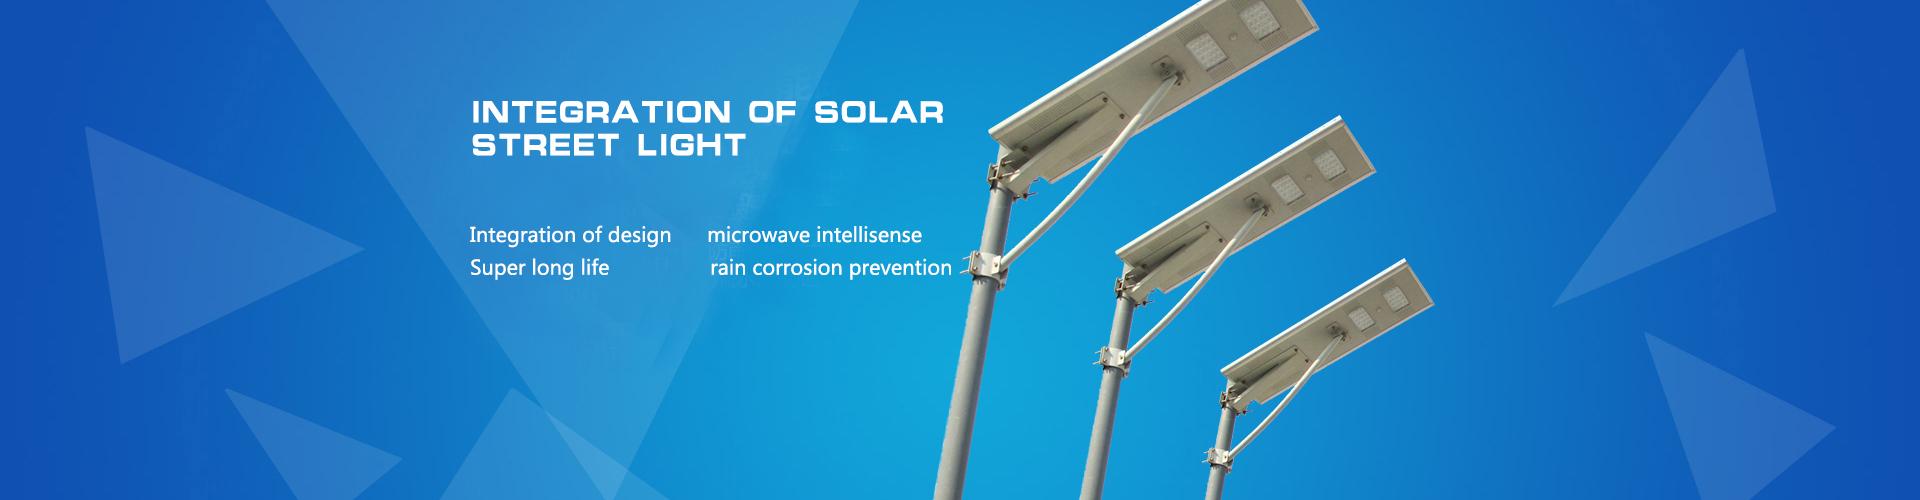 Integration of solar